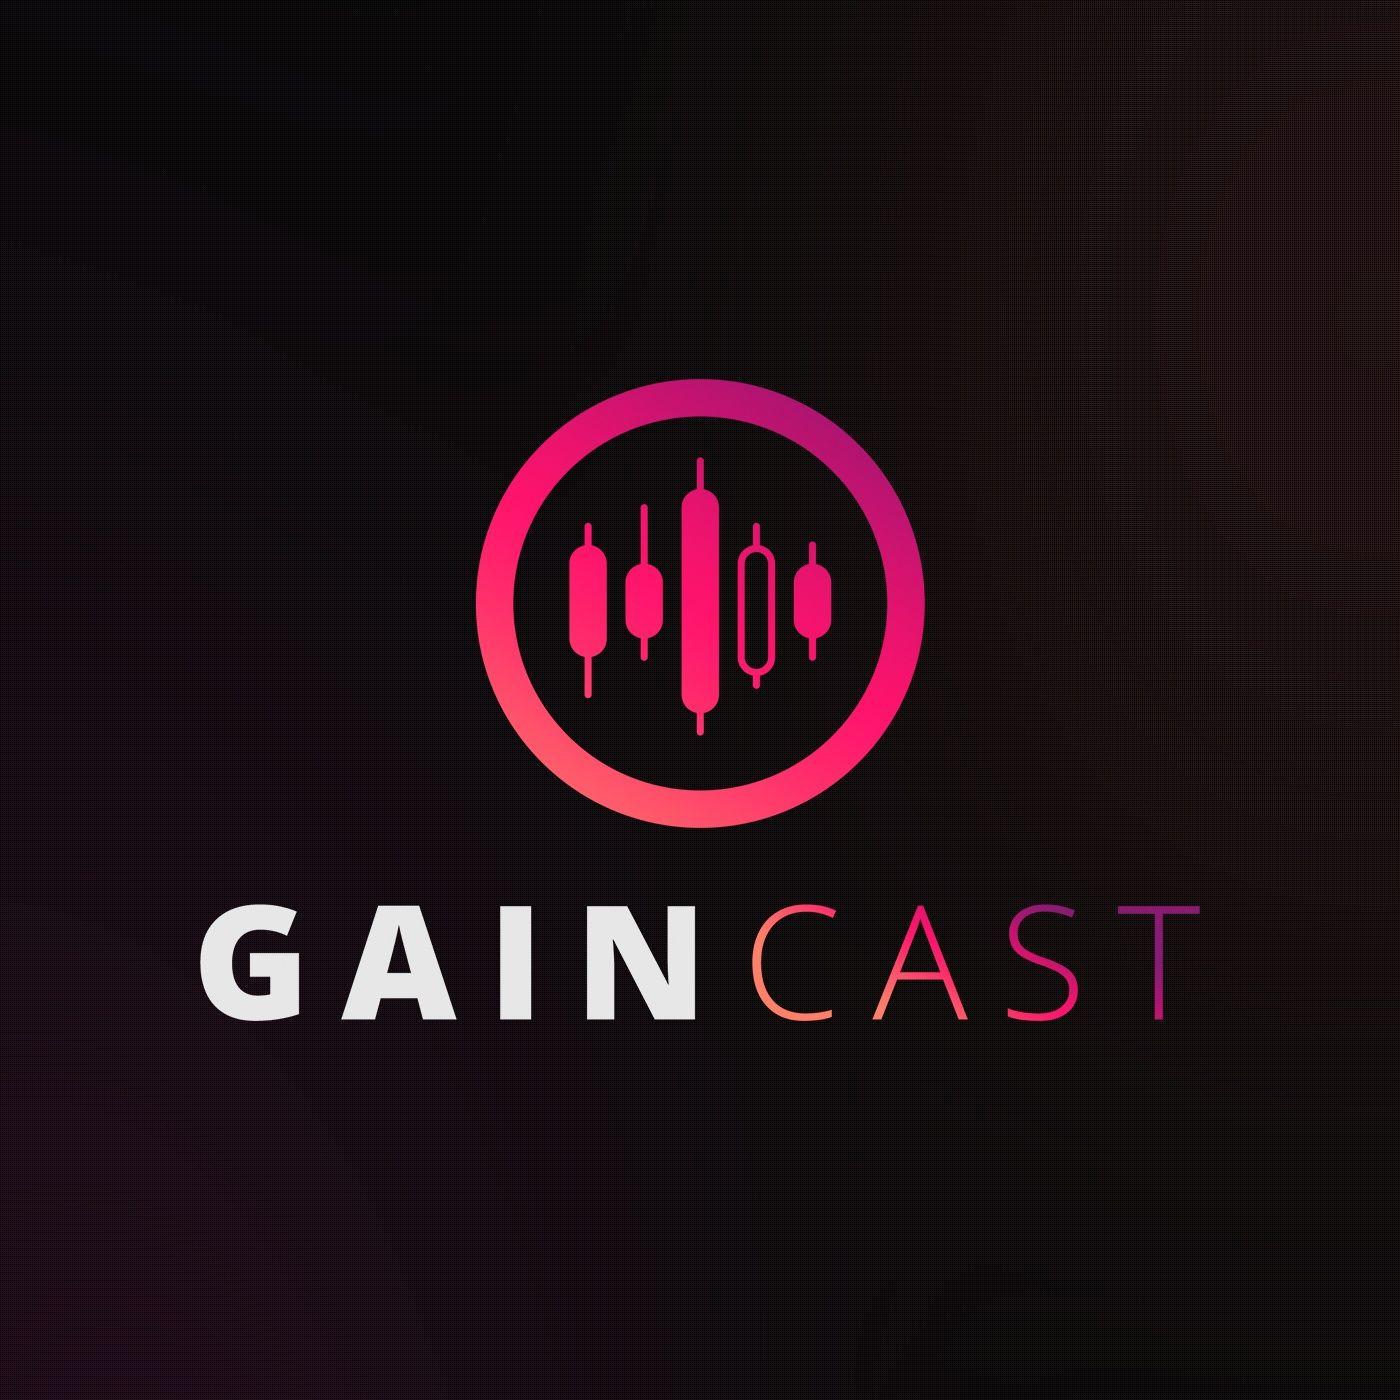 GainCast #1 - Como 3 gerações diferentes enfrentaram crises e chegaram ao momento mais esperado da Bolsa